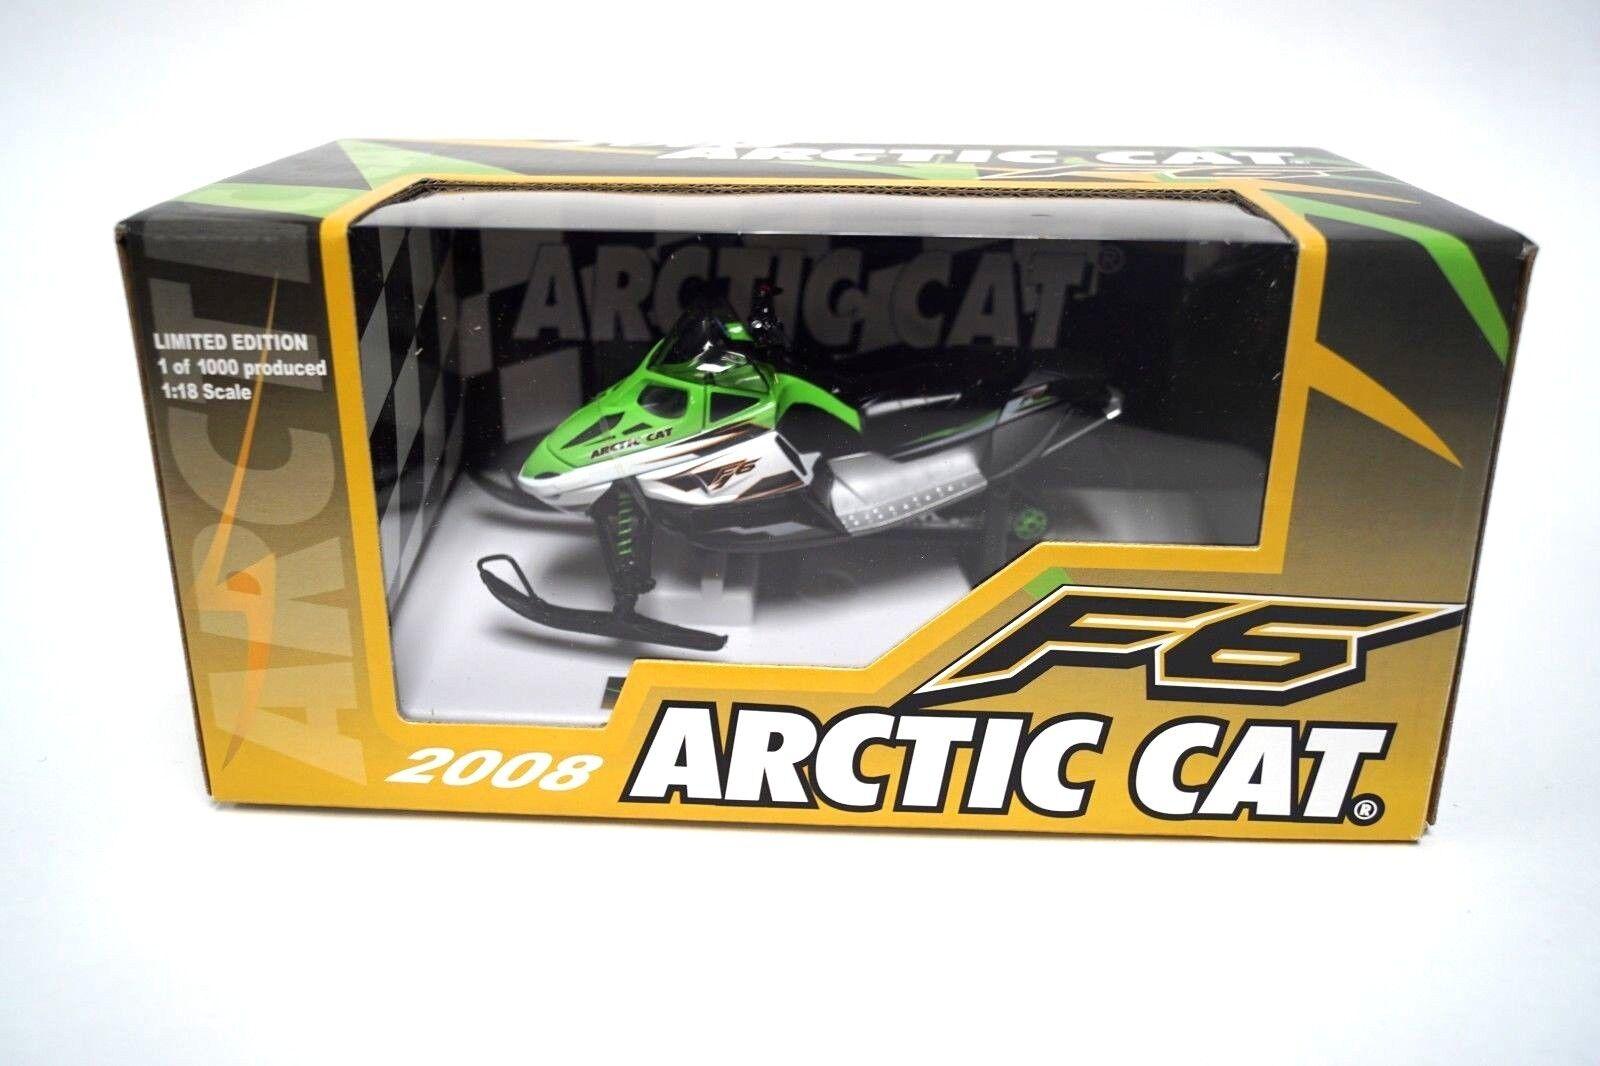 2008 Arctic Cat F6  Snowmobile Die Cast 1 18 Scale modello giocattolo 4289-085